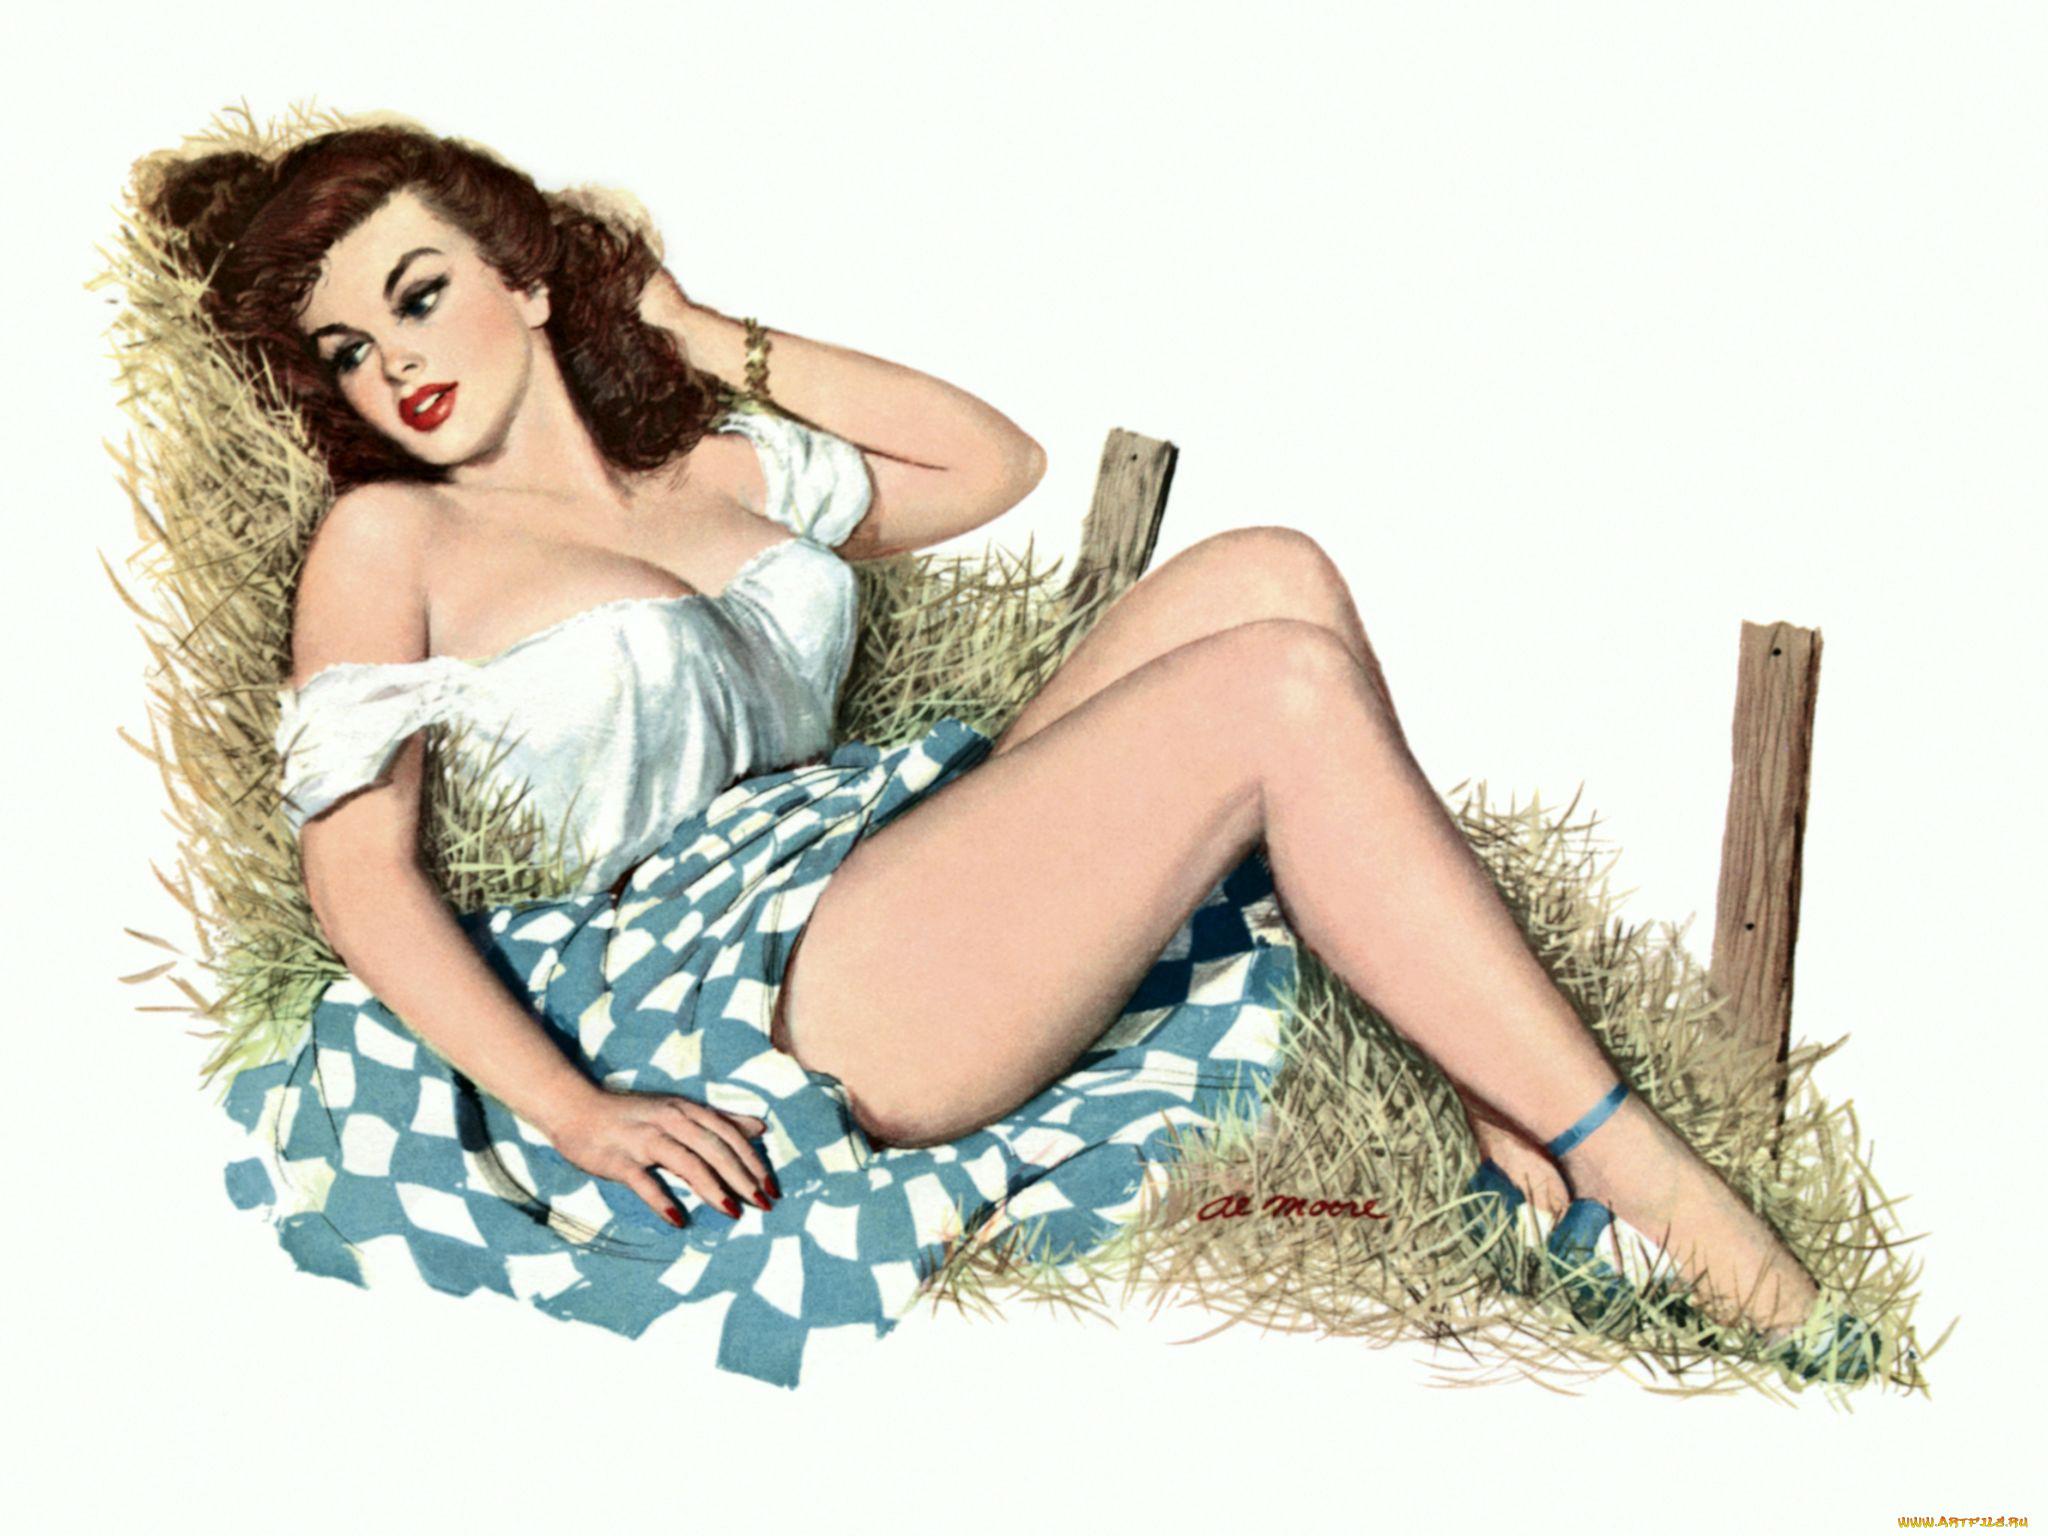 Рисованные картинки пышных дам